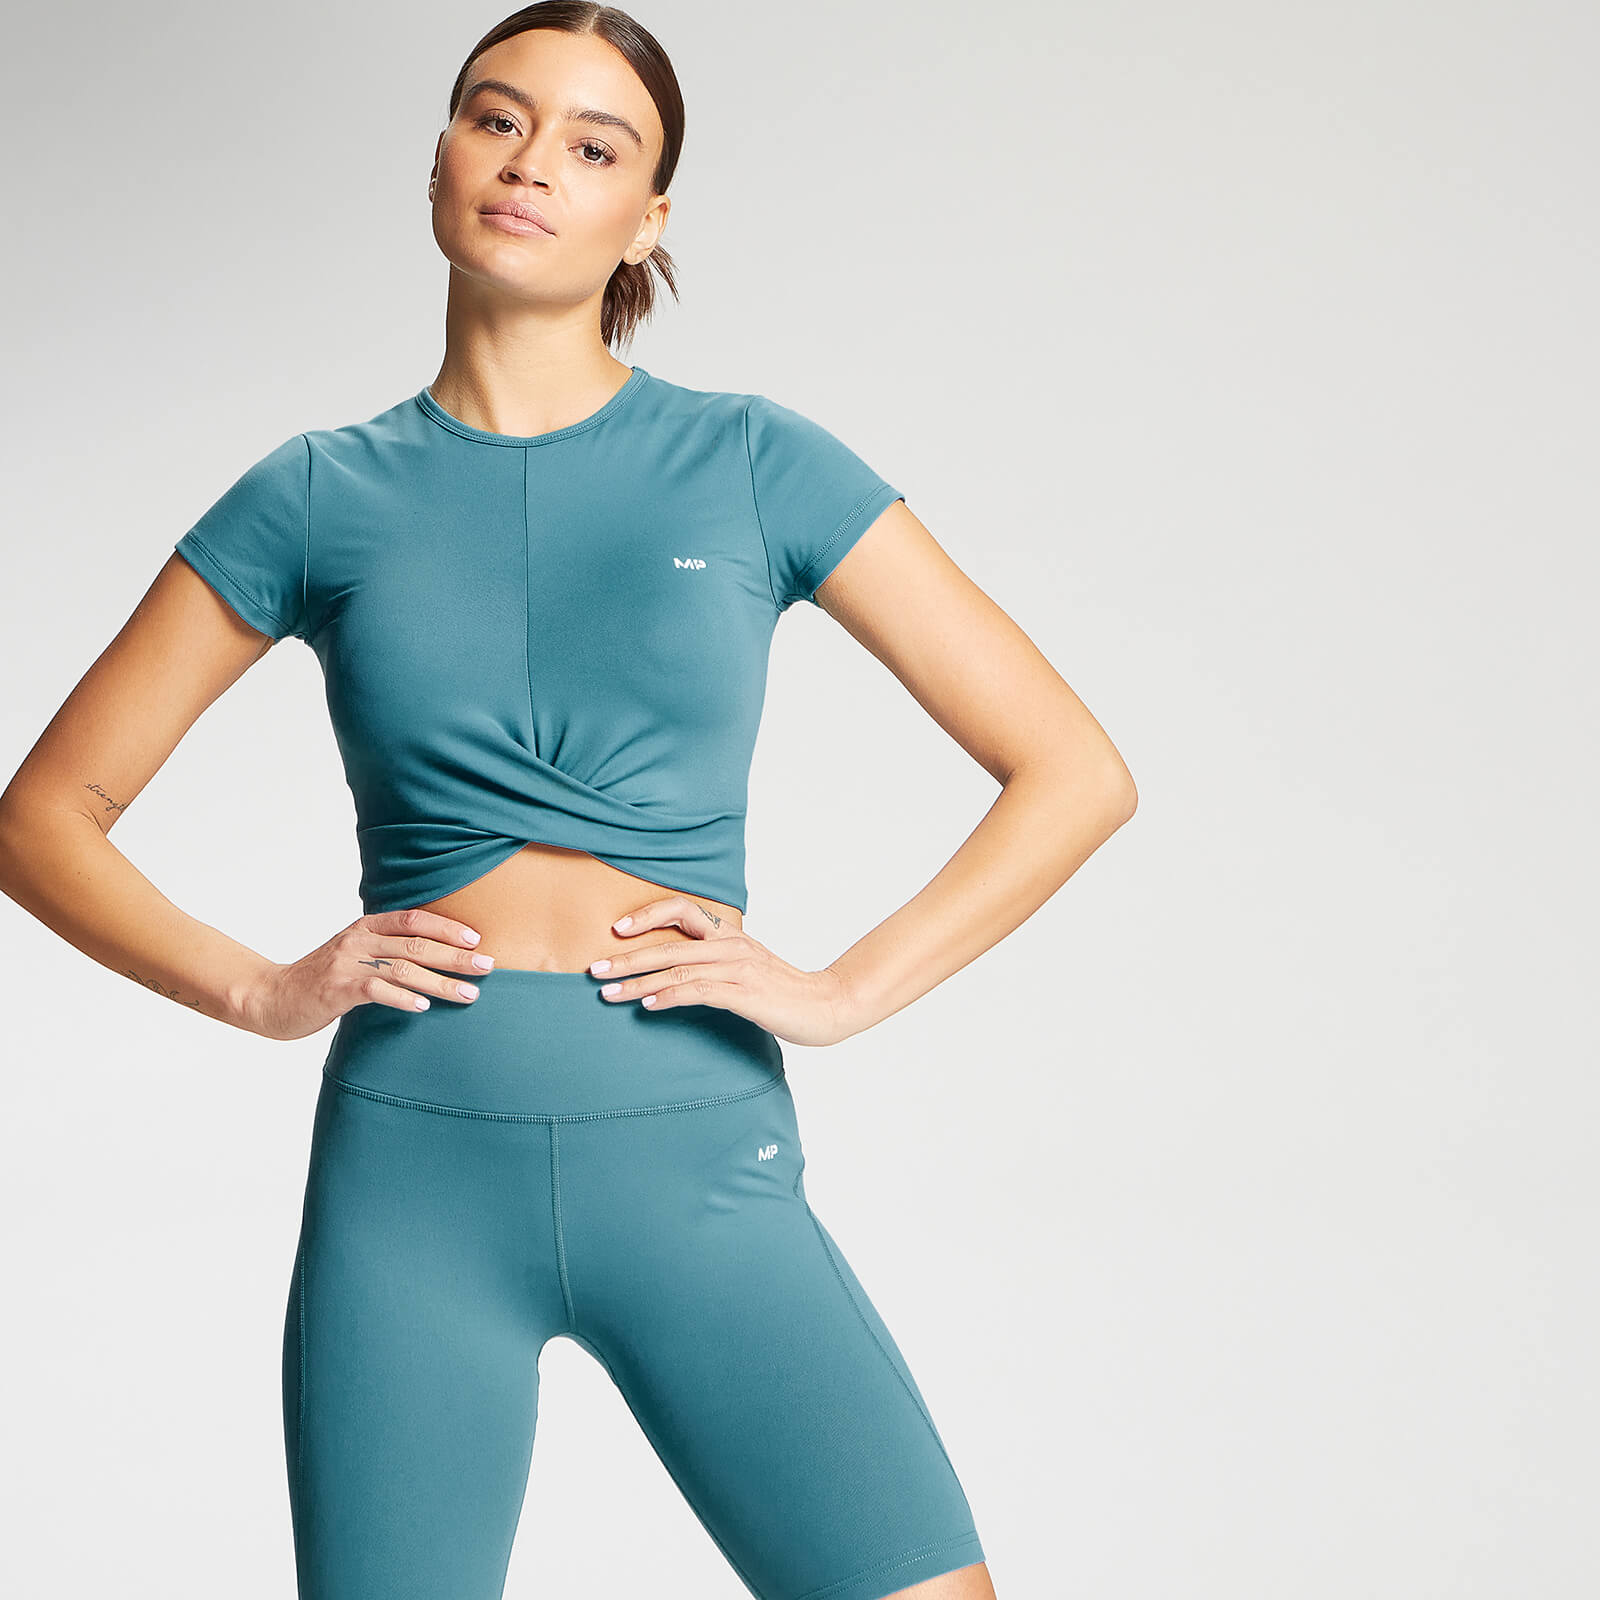 Купить MP Women's Power Short Sleeve Crop Top - Ocean Blue - XS, Myprotein International